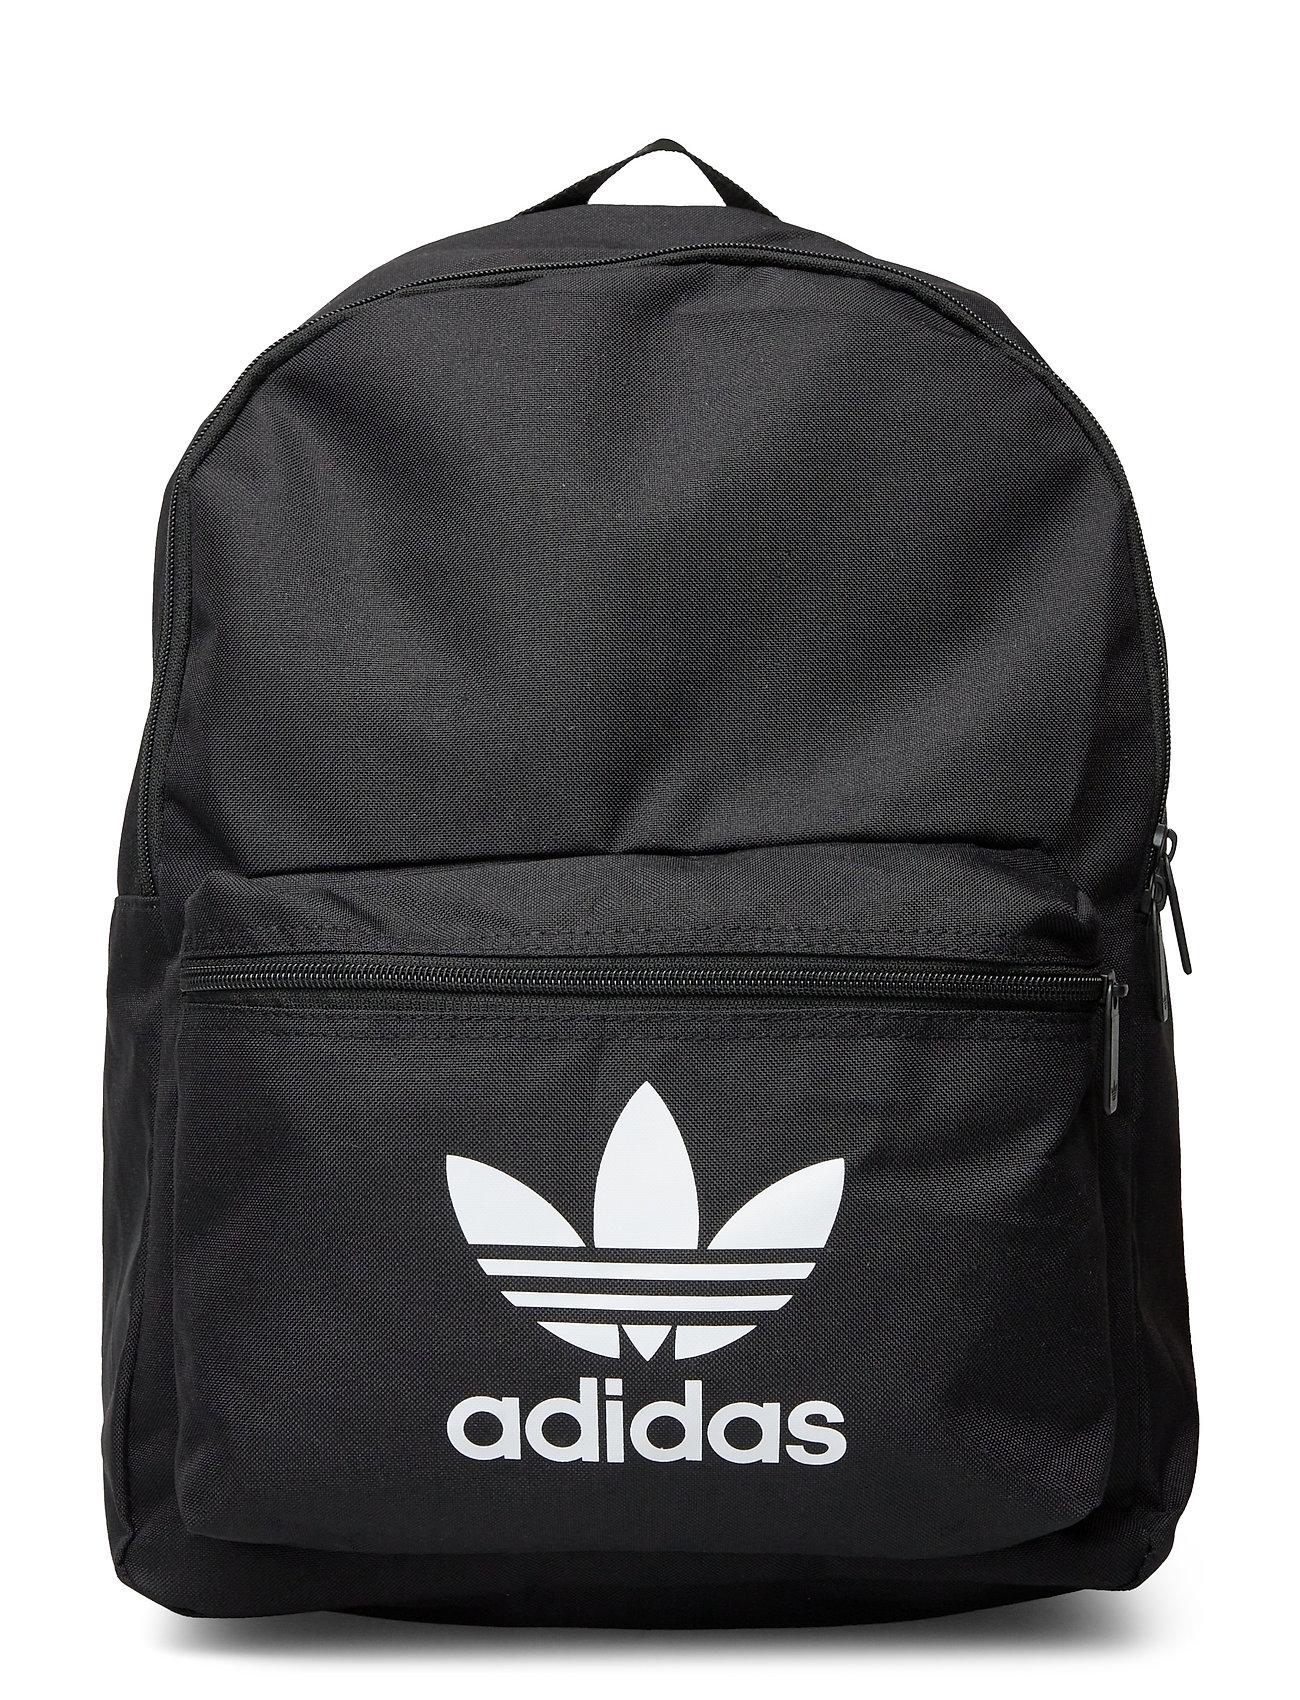 adidas Originals AC CLASS BP - BLACK